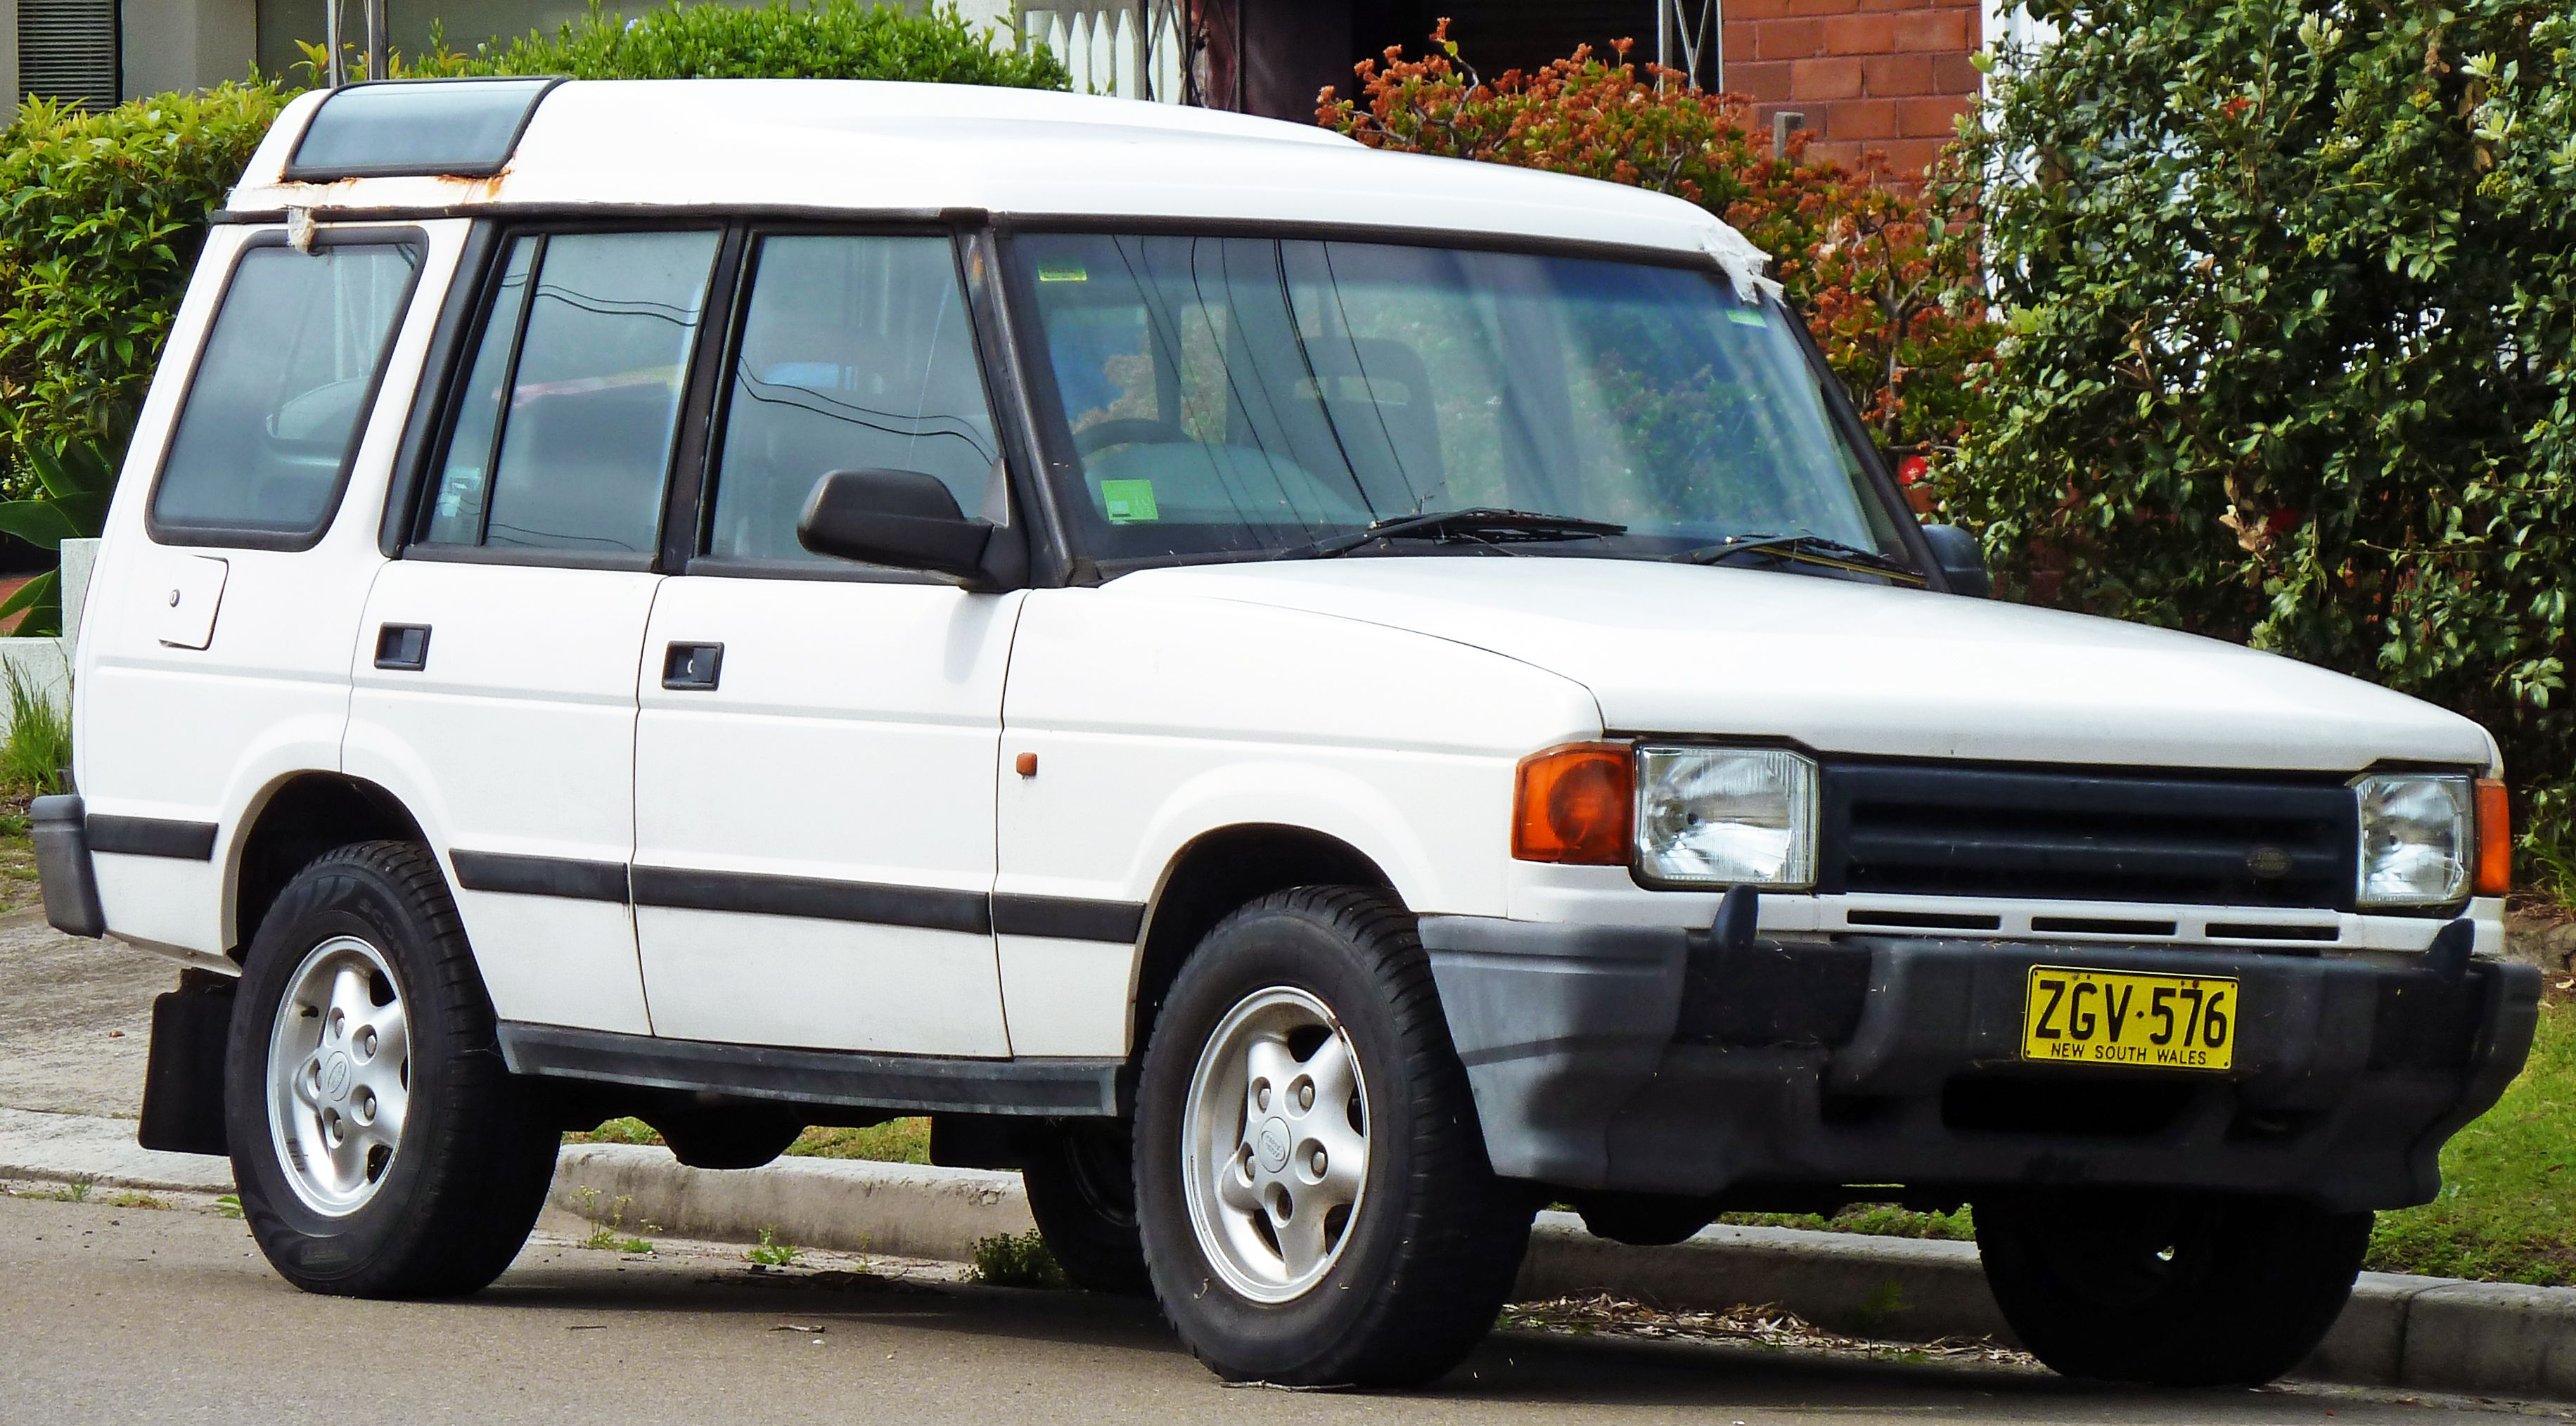 1994 1997 Land Rover Discovery V8i 5 door wagon 4 4